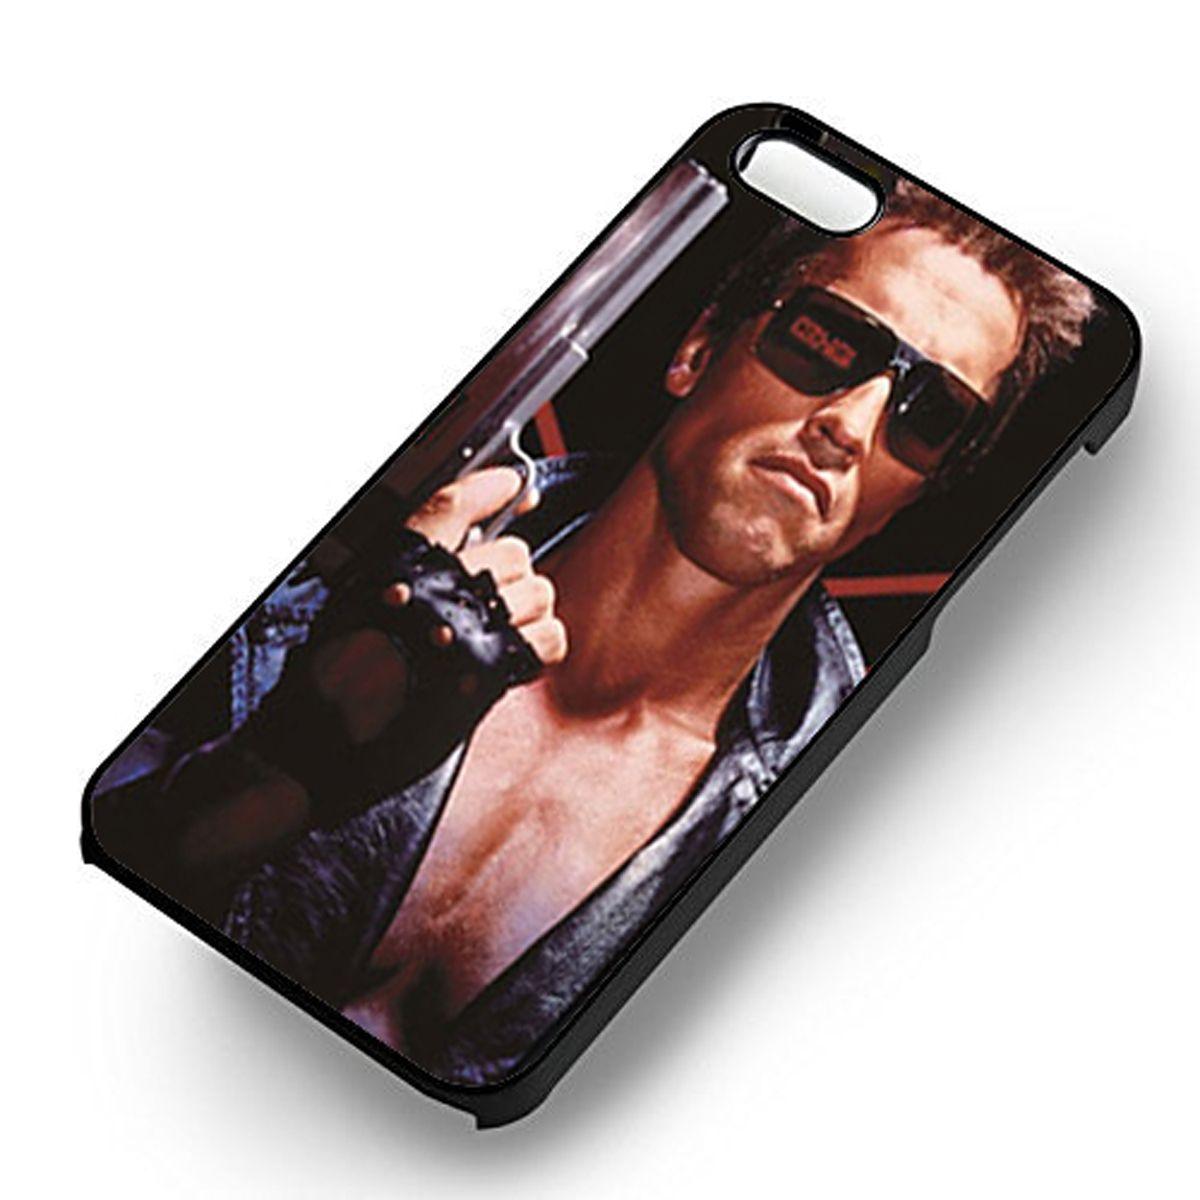 Cases For iPhone 6 6S 7 7Plus 5 5S 5C